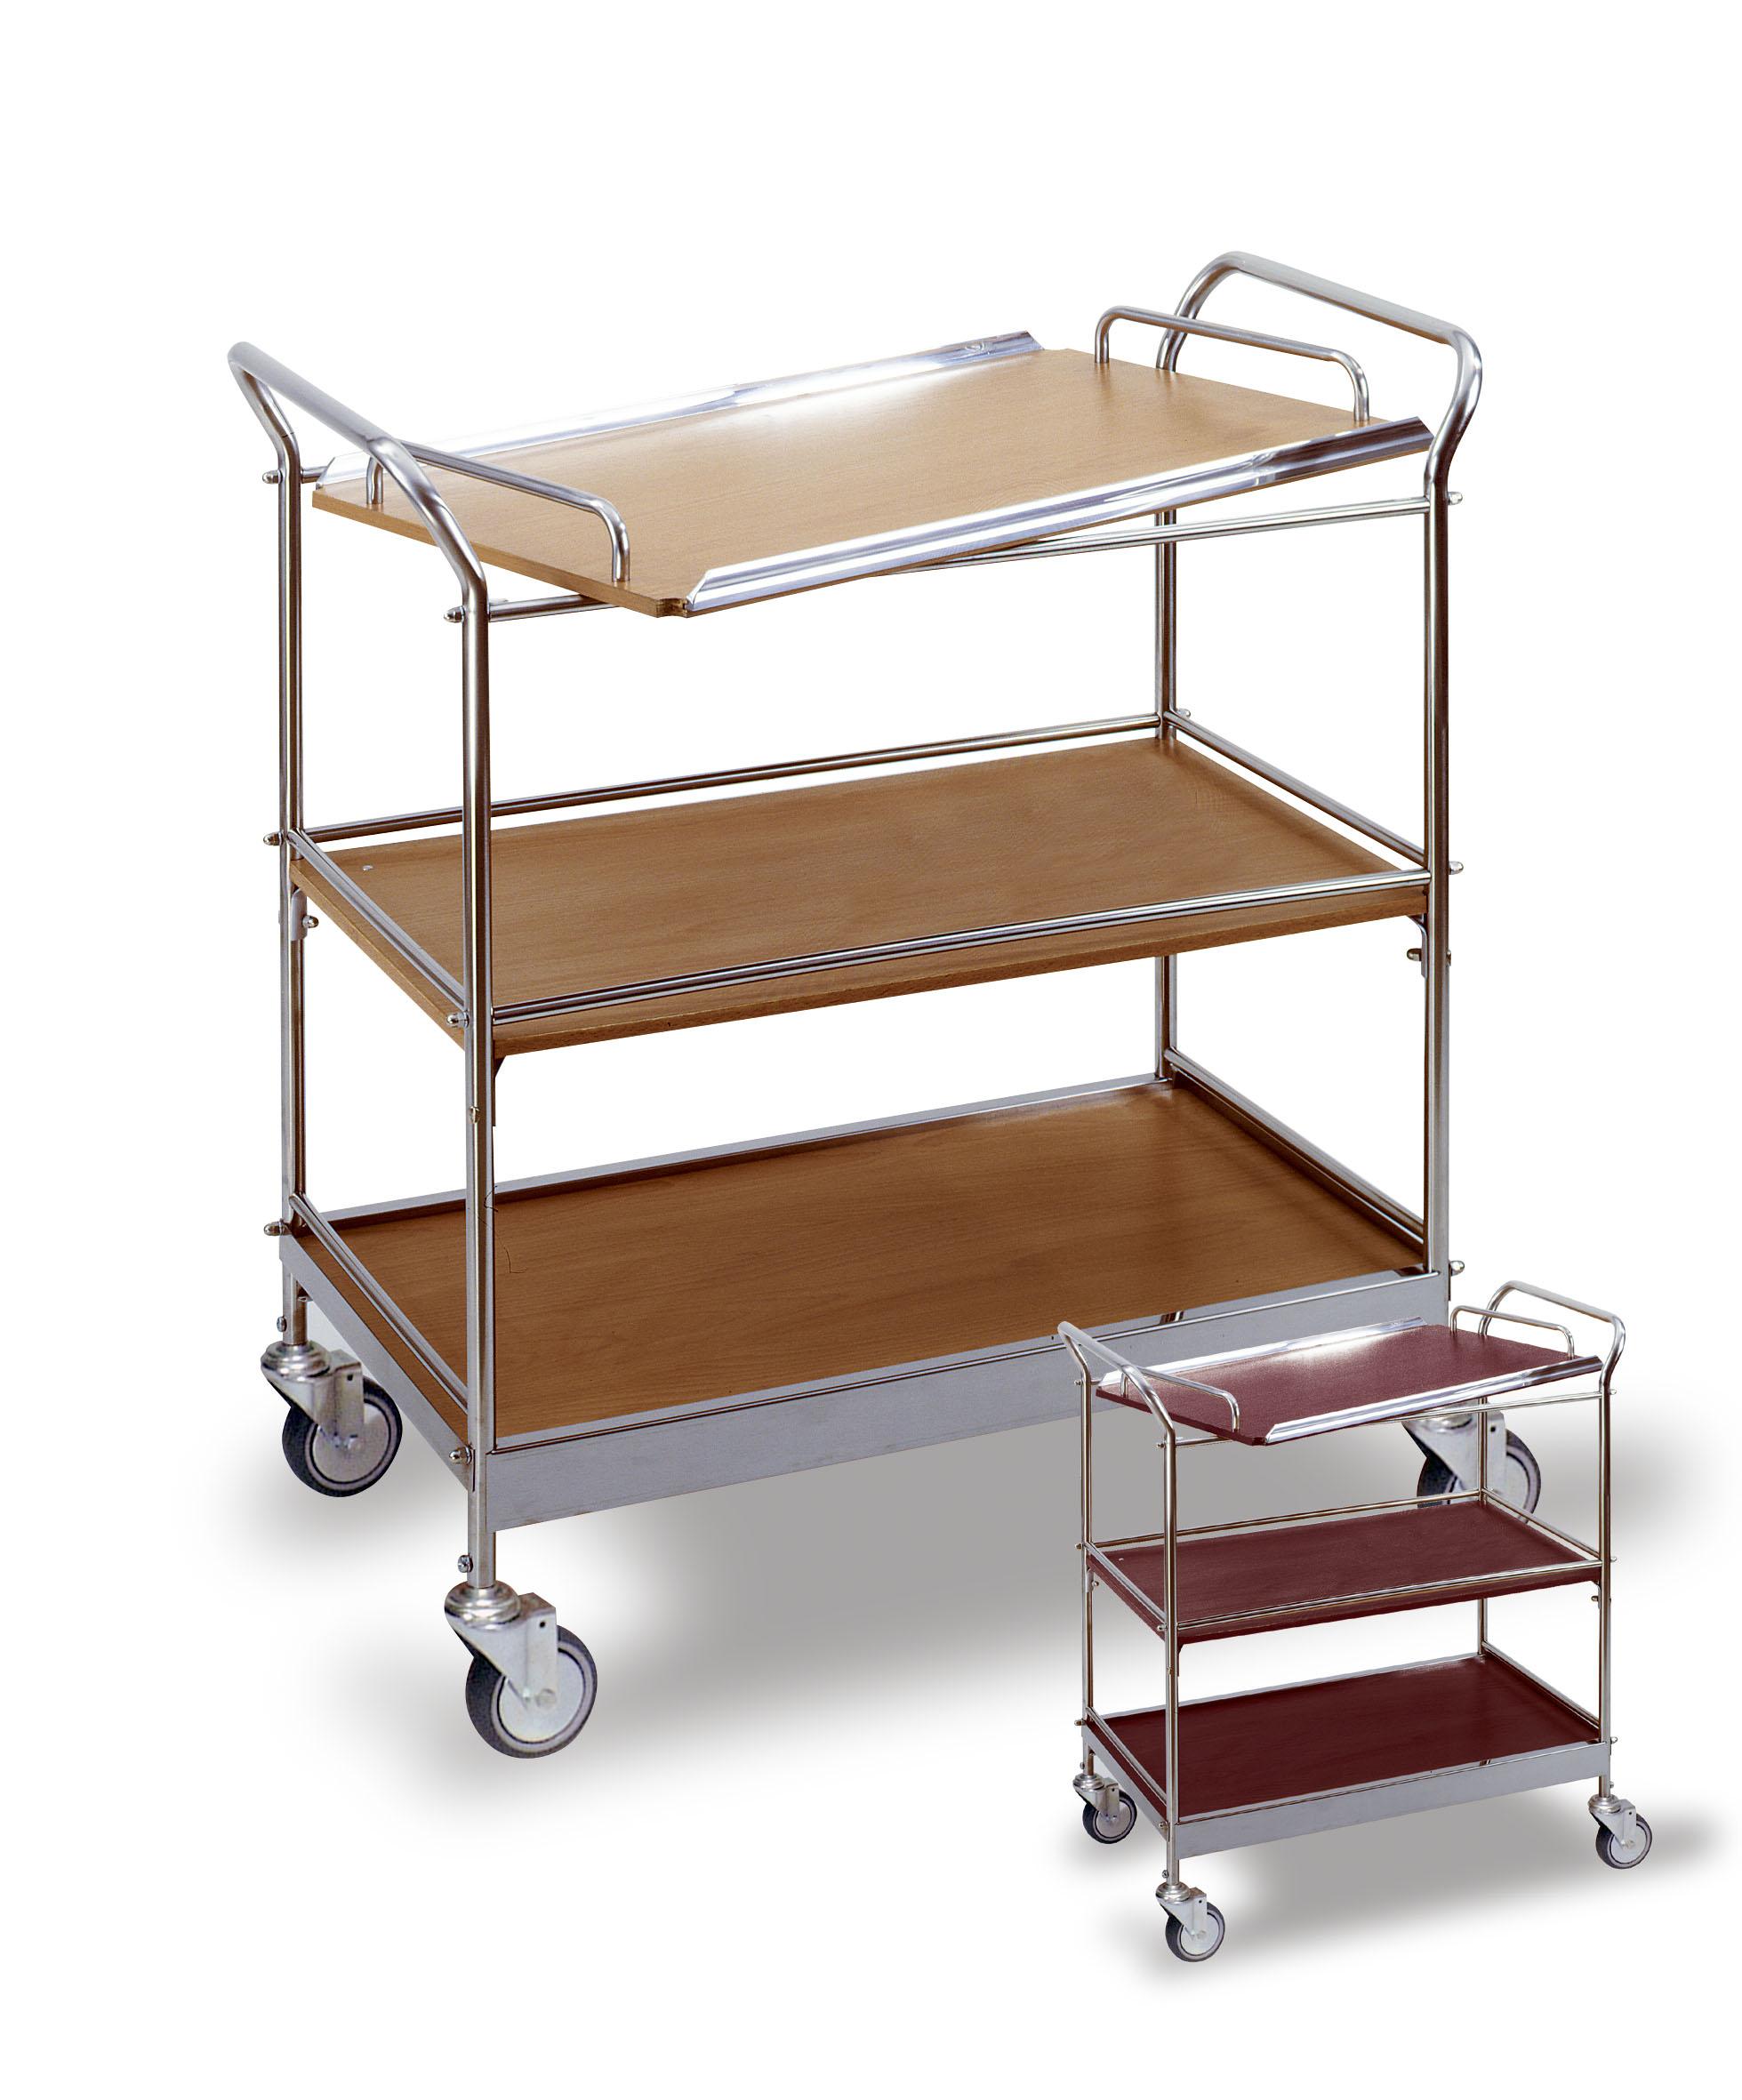 servierwagen mit tablett 3 etagen jetzt online kaufen. Black Bedroom Furniture Sets. Home Design Ideas